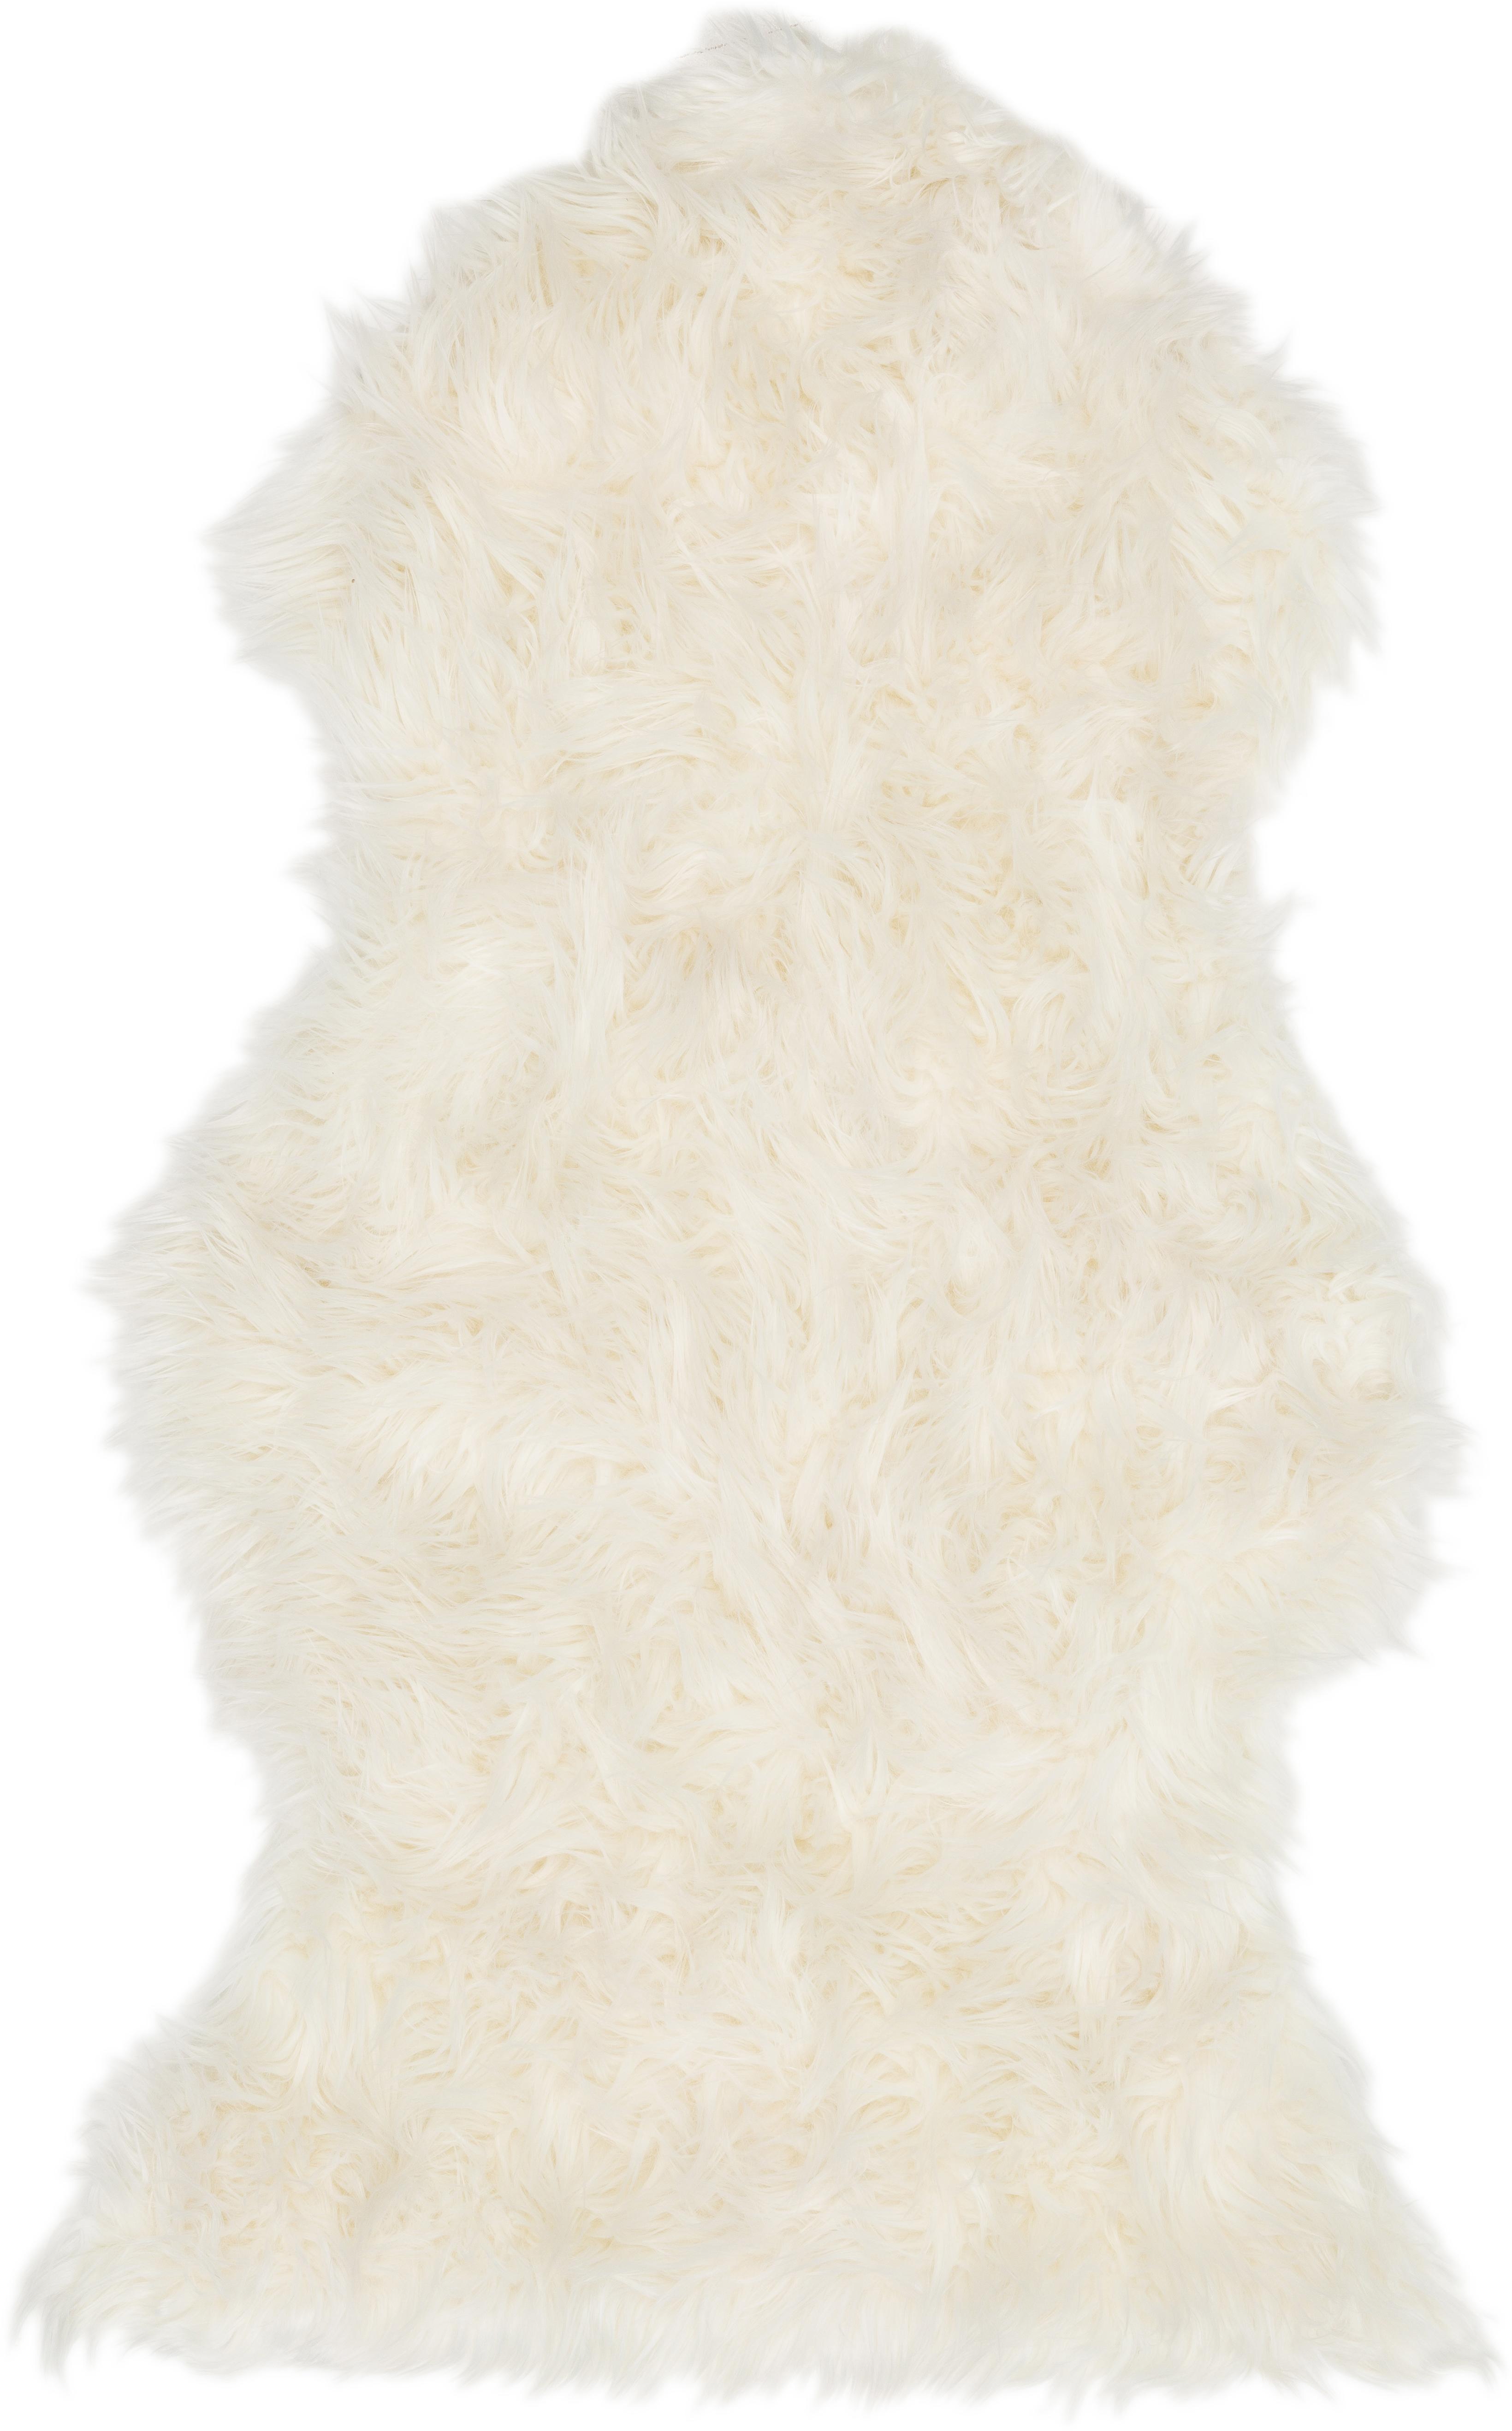 Piel sintética Vancouver, Parte superior: 80%acrílico, 20%poliést, Parte trasera: poliéster, lisa, Blanco, An 60 x L 100 cm